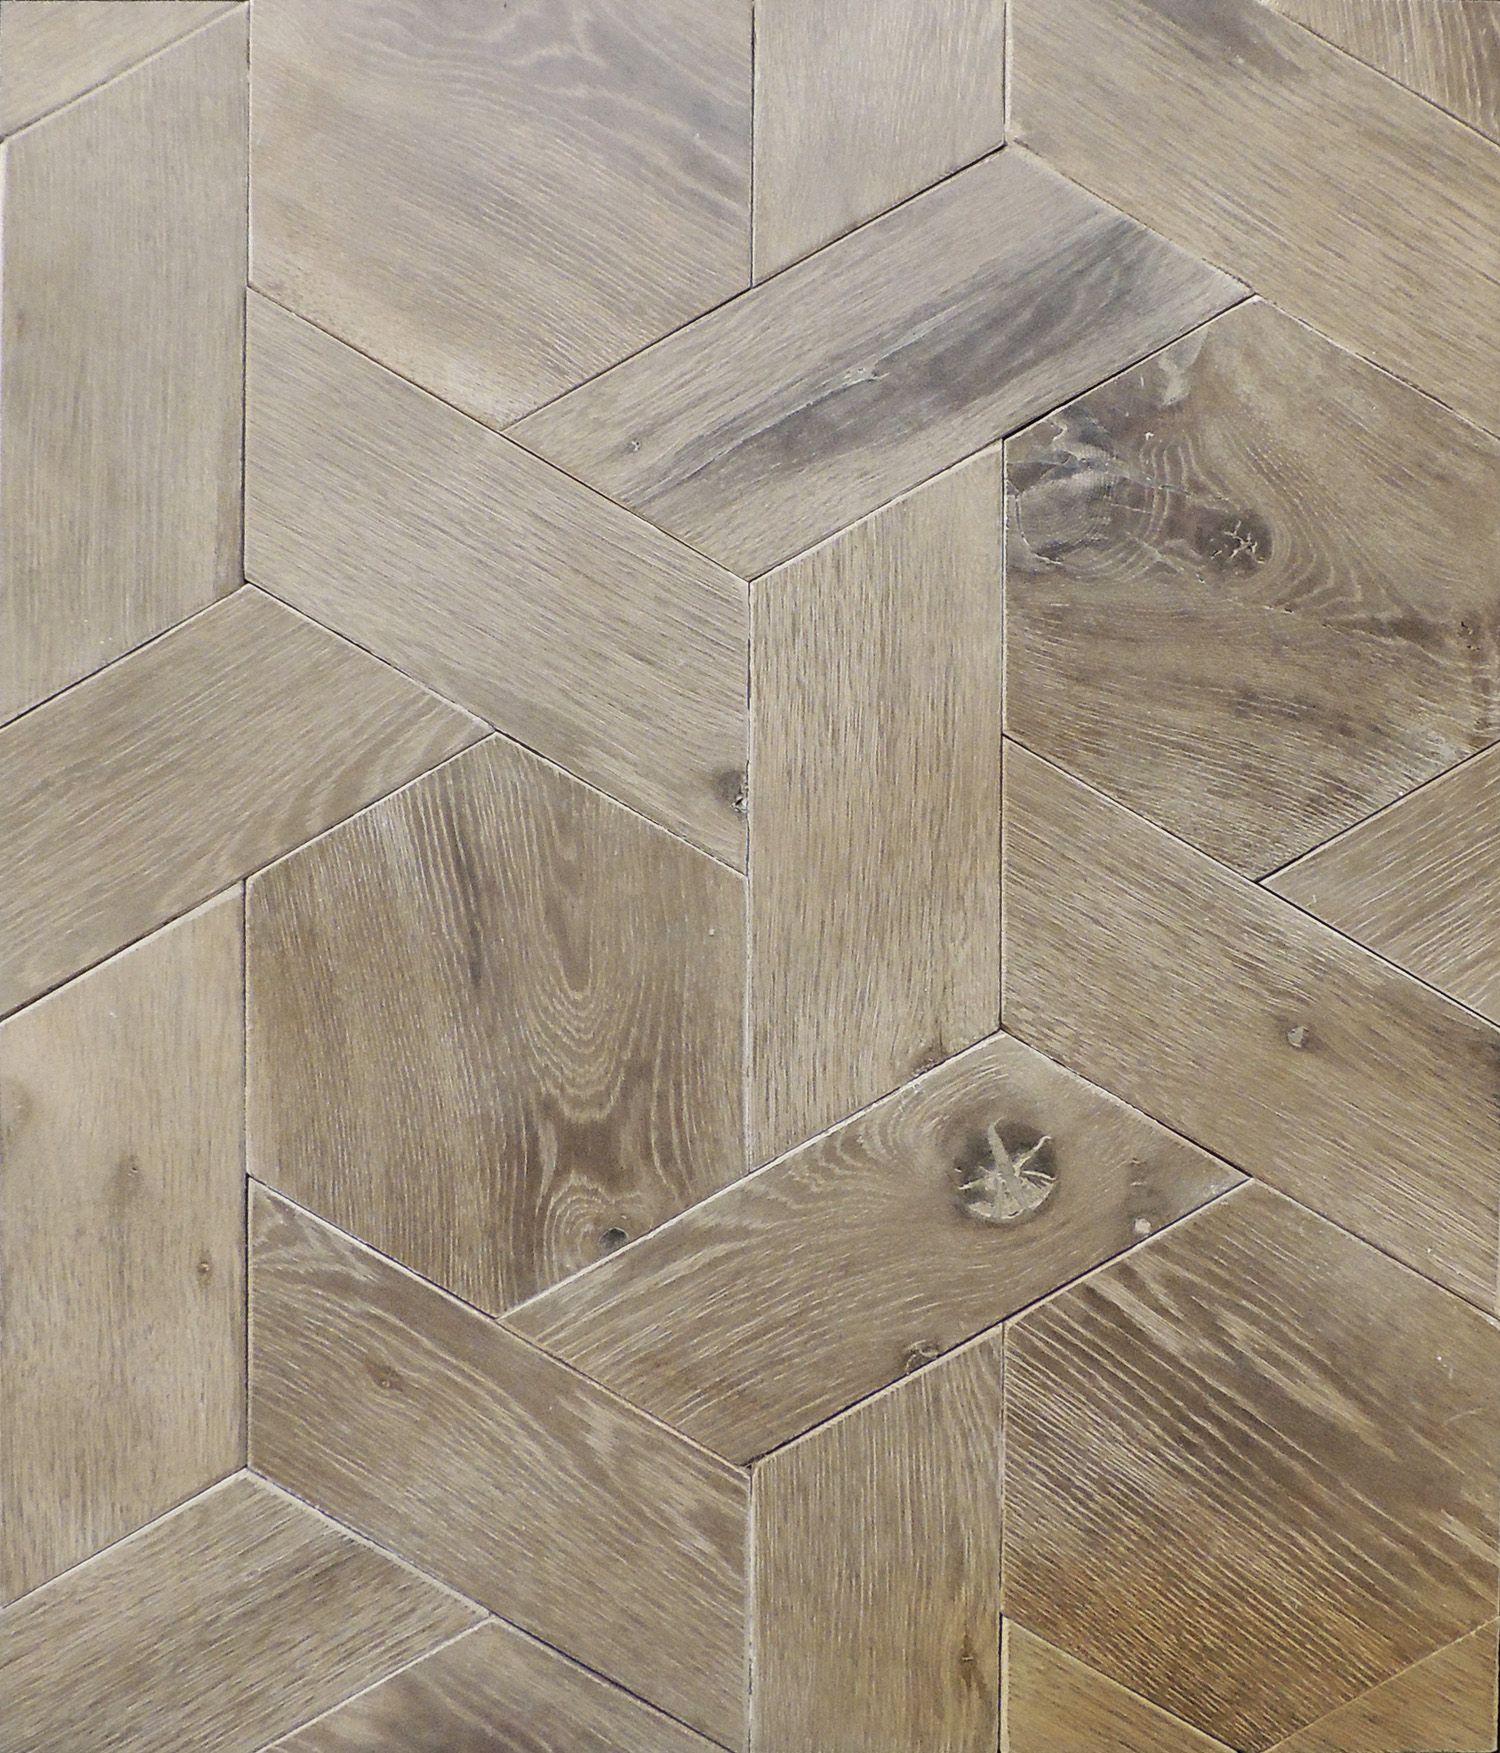 Mi Favorito Flooringtile Flooring Parquet Flooring Floor Design